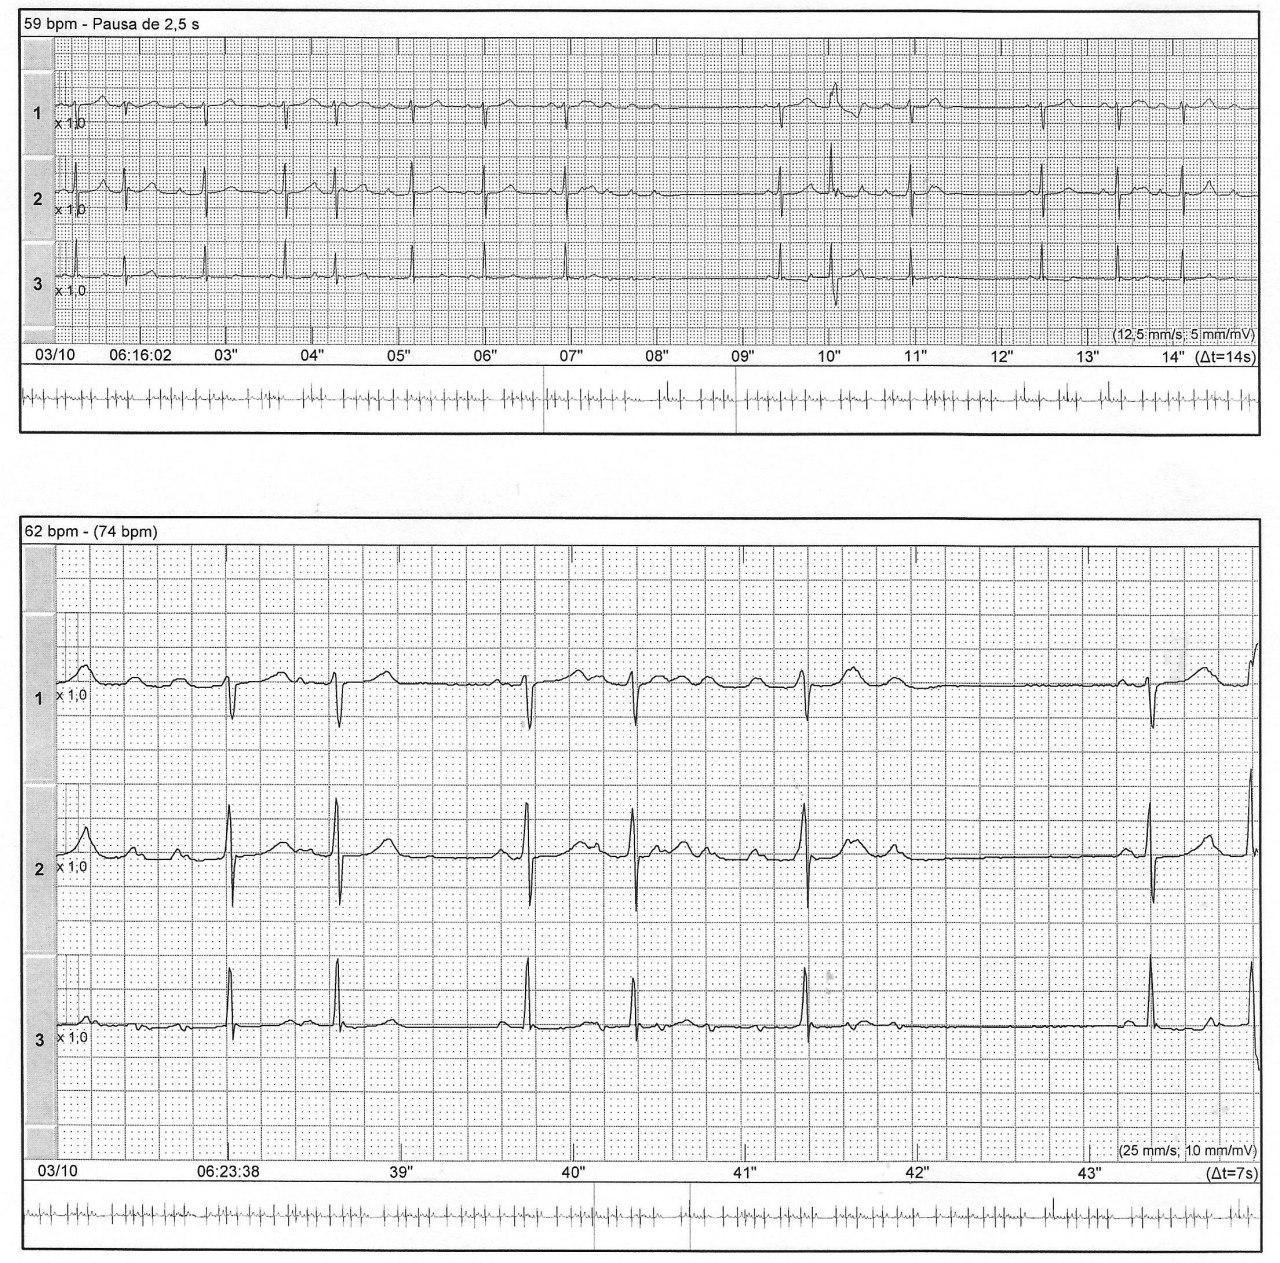 Holter de mujer hipertensa con palpitaciones para mostrar la presencia de Fenómeno de Ashman